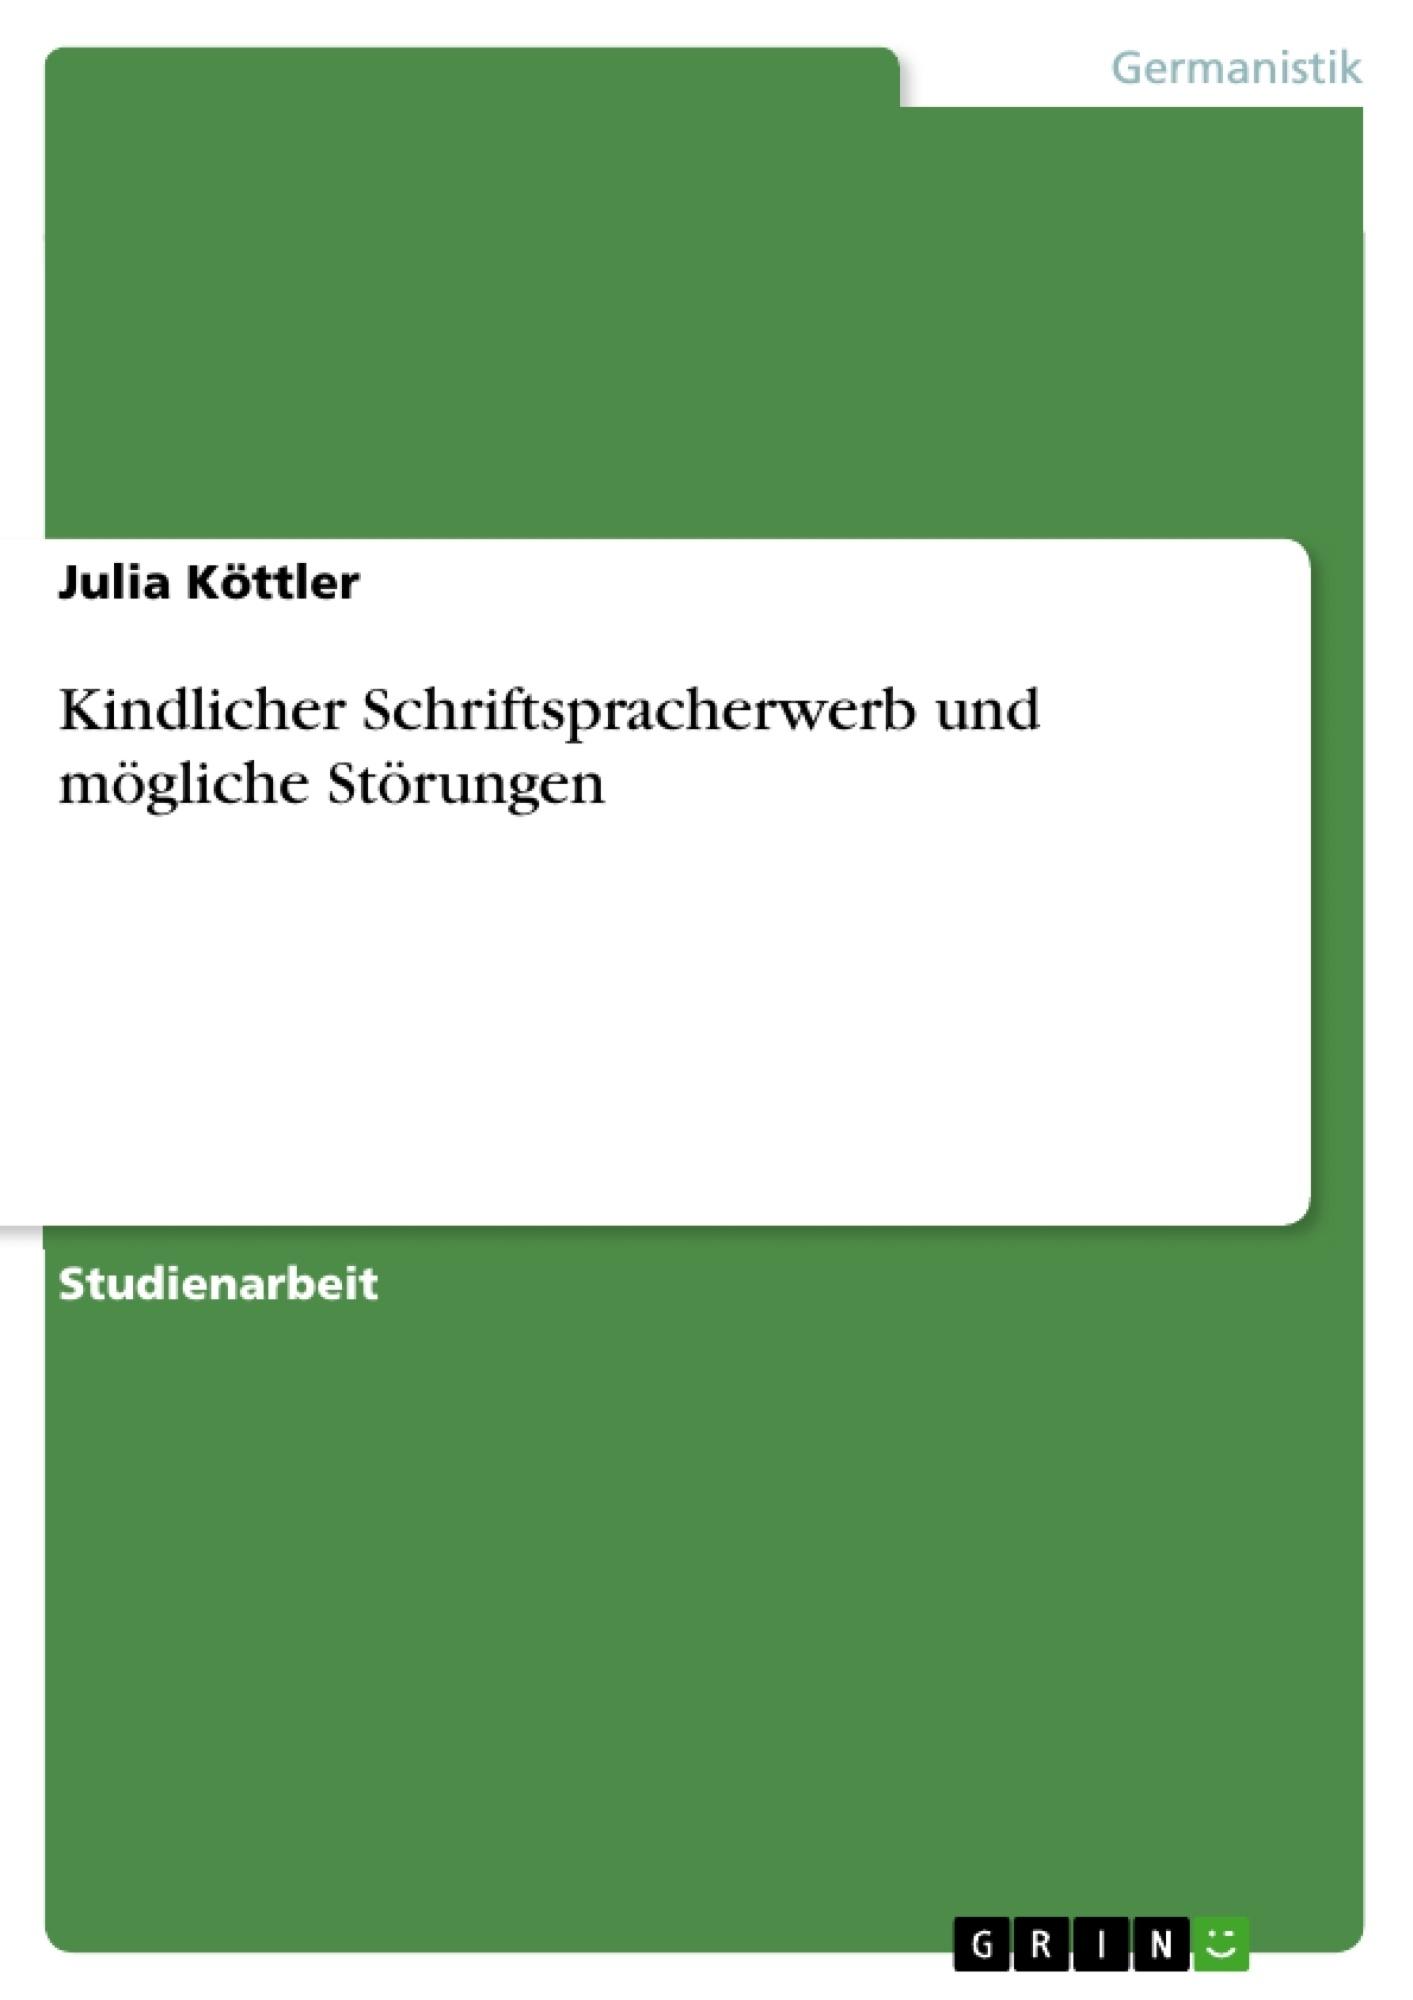 Titel: Kindlicher Schriftspracherwerb und mögliche Störungen